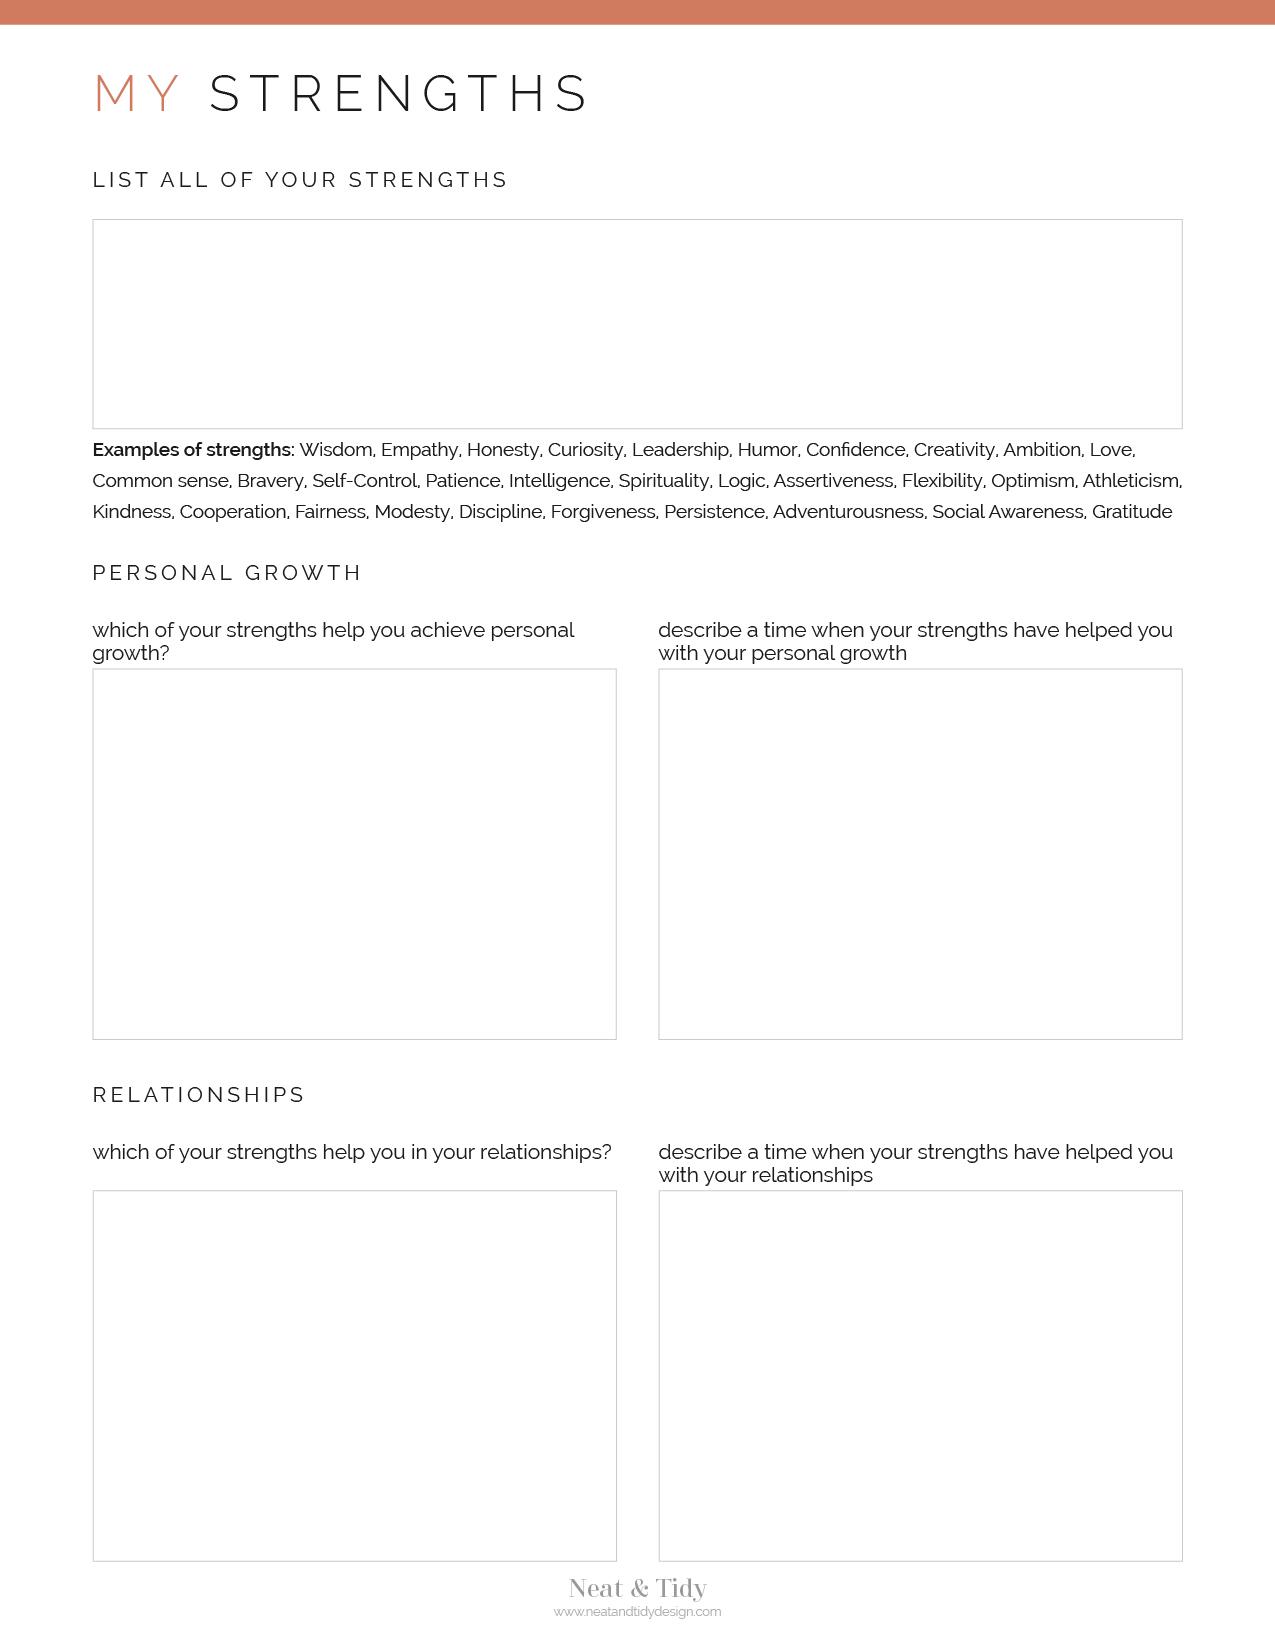 My Strengths Worksheet